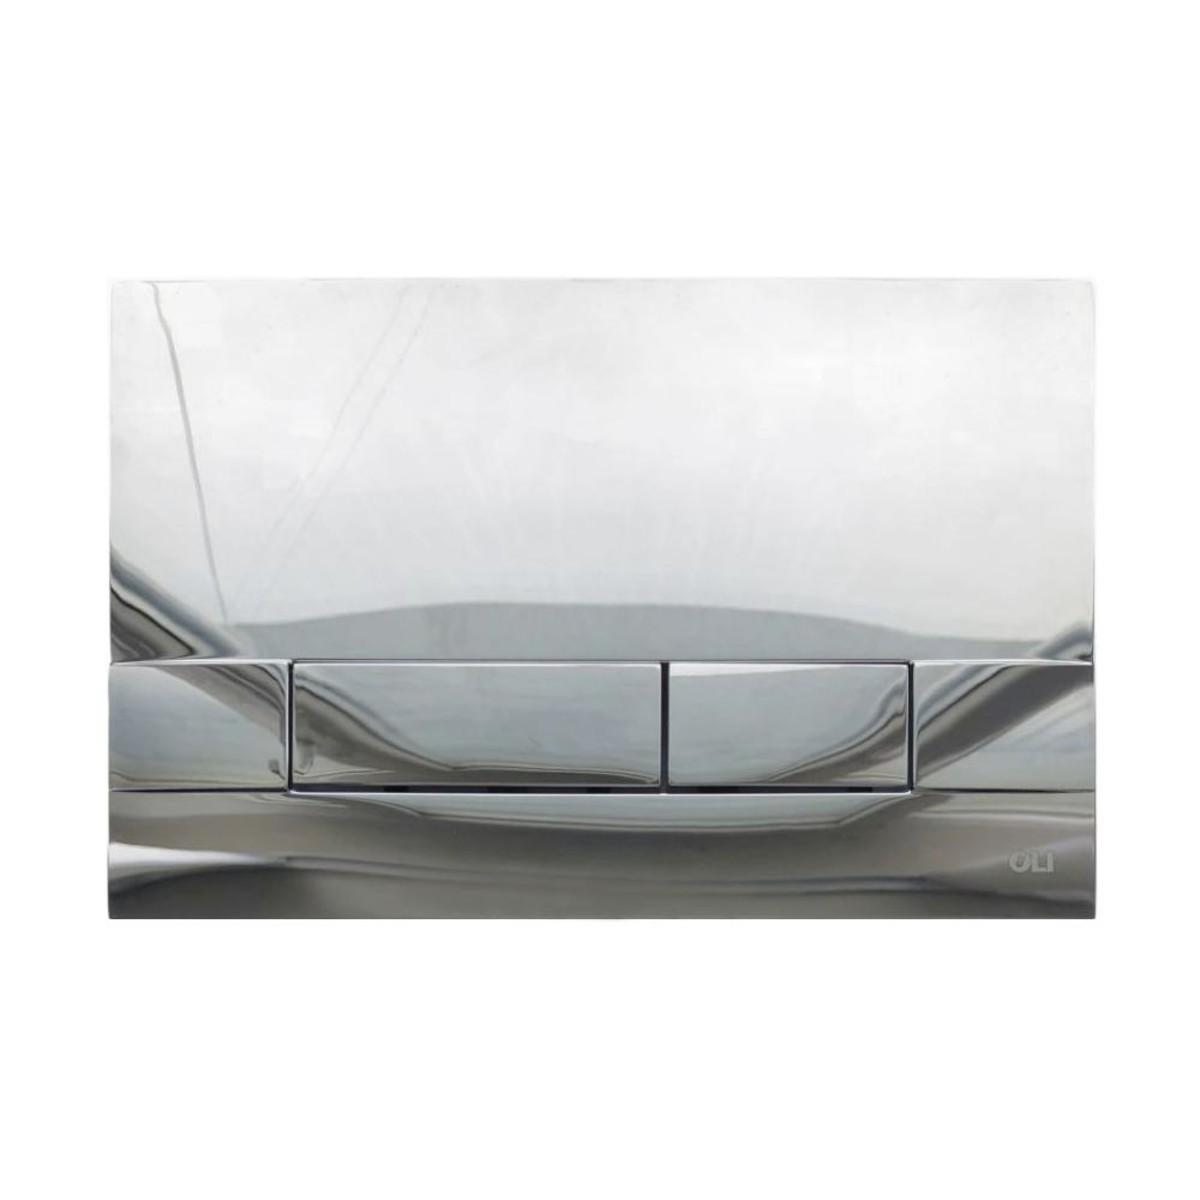 Панель смыва для инсталляции Oli Narrow 152940